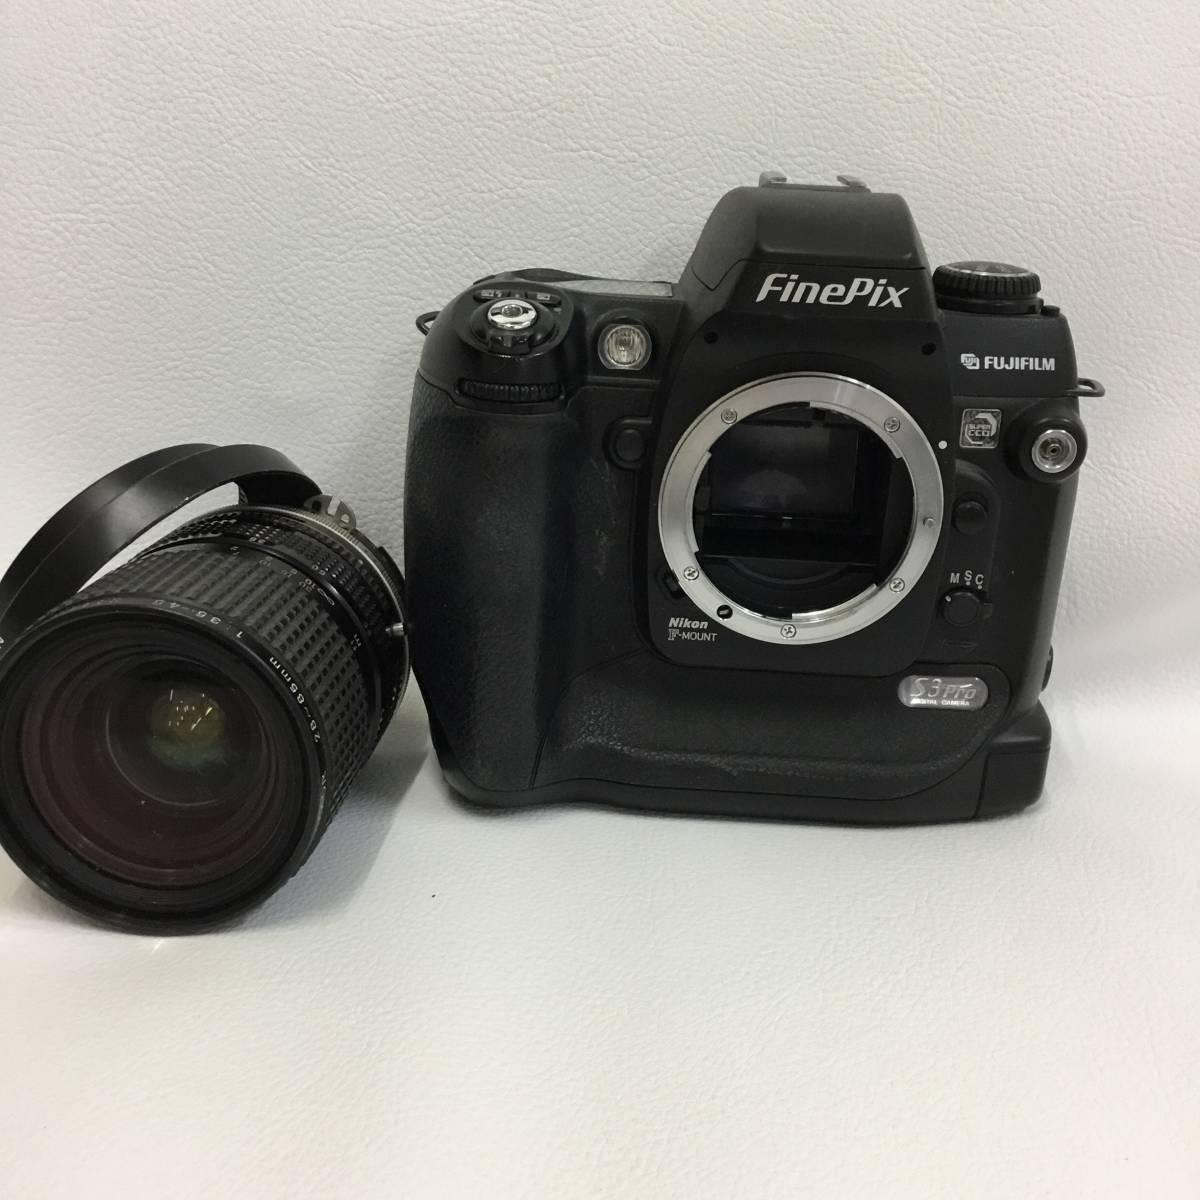 フジフィルム FUJIFILM Fine Pix S3Pro Zoom-NIKKOR 28-85mm ジャンク品